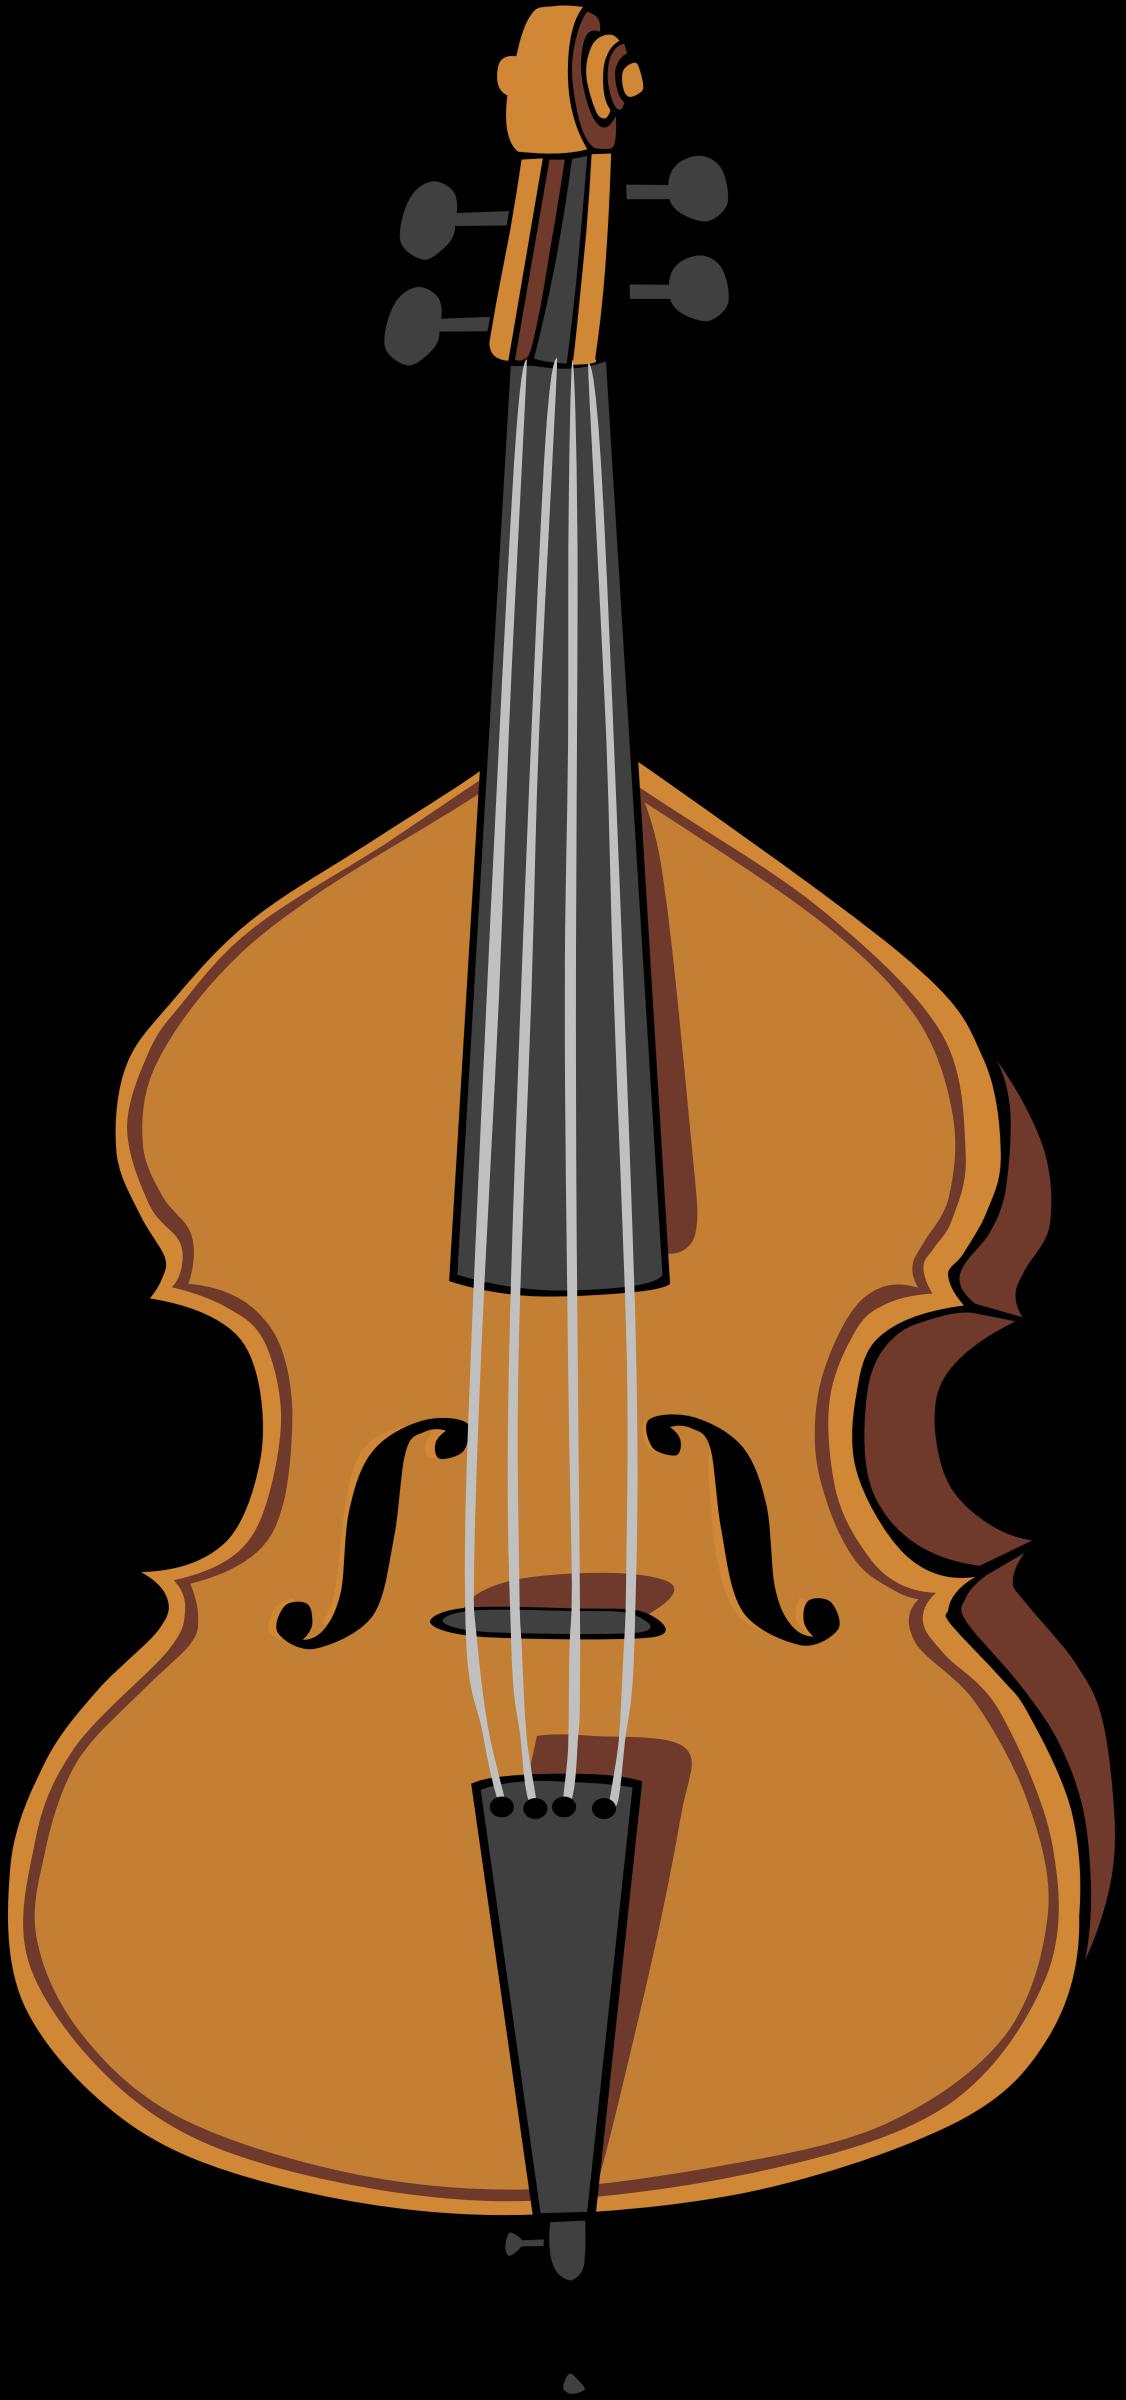 Cello clipart chello. Emmanuel united reformed church